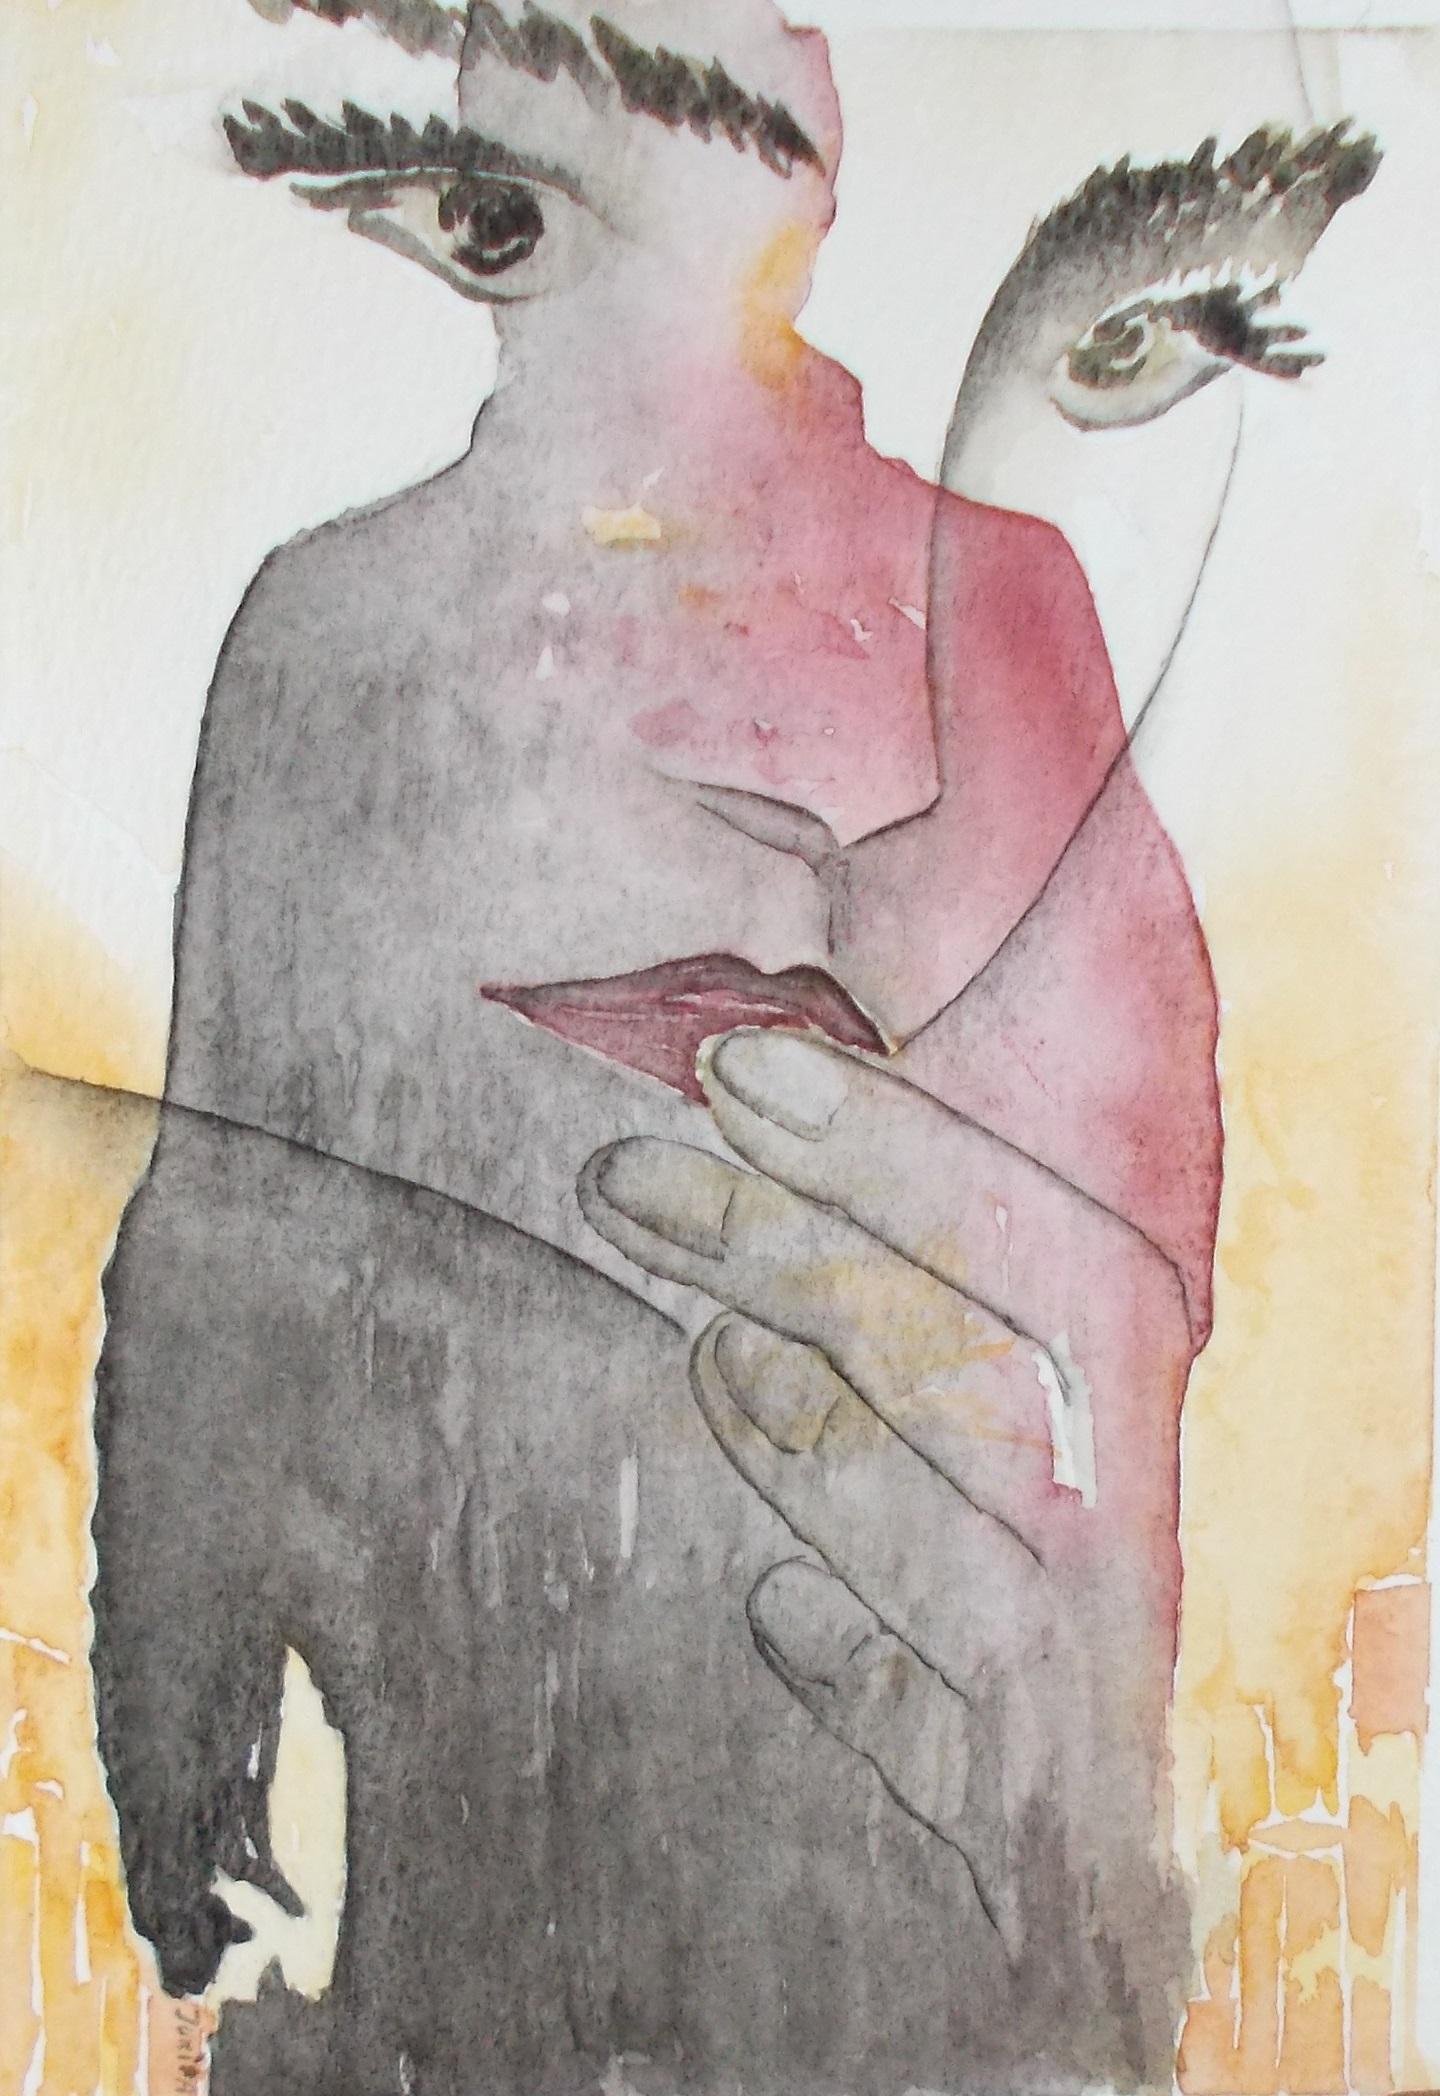 Eternal Love, Jurita Kalite, 2017, watercolor